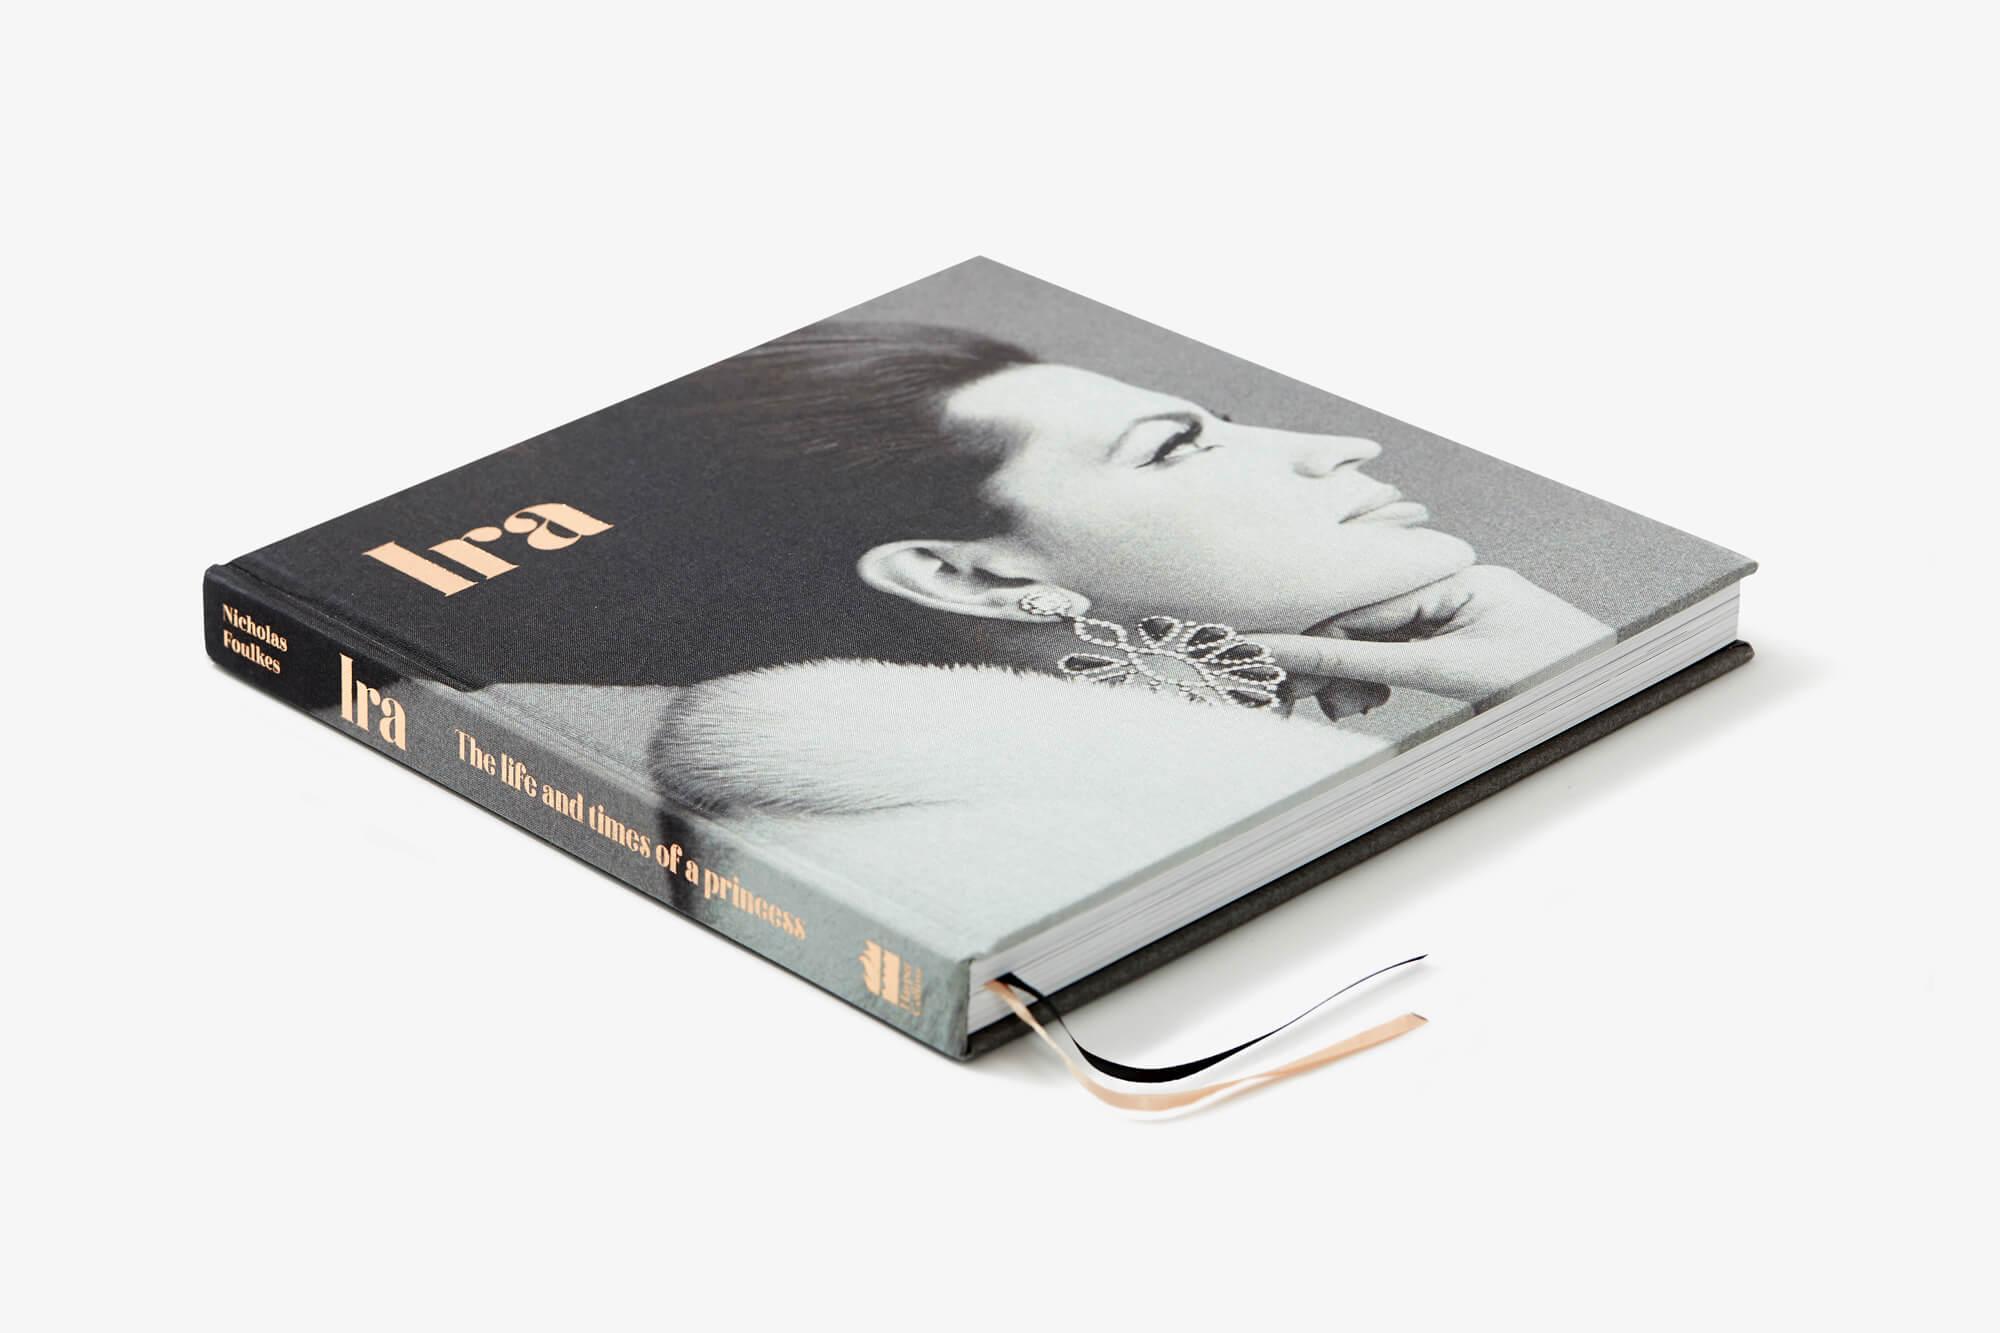 Ira - book cover design